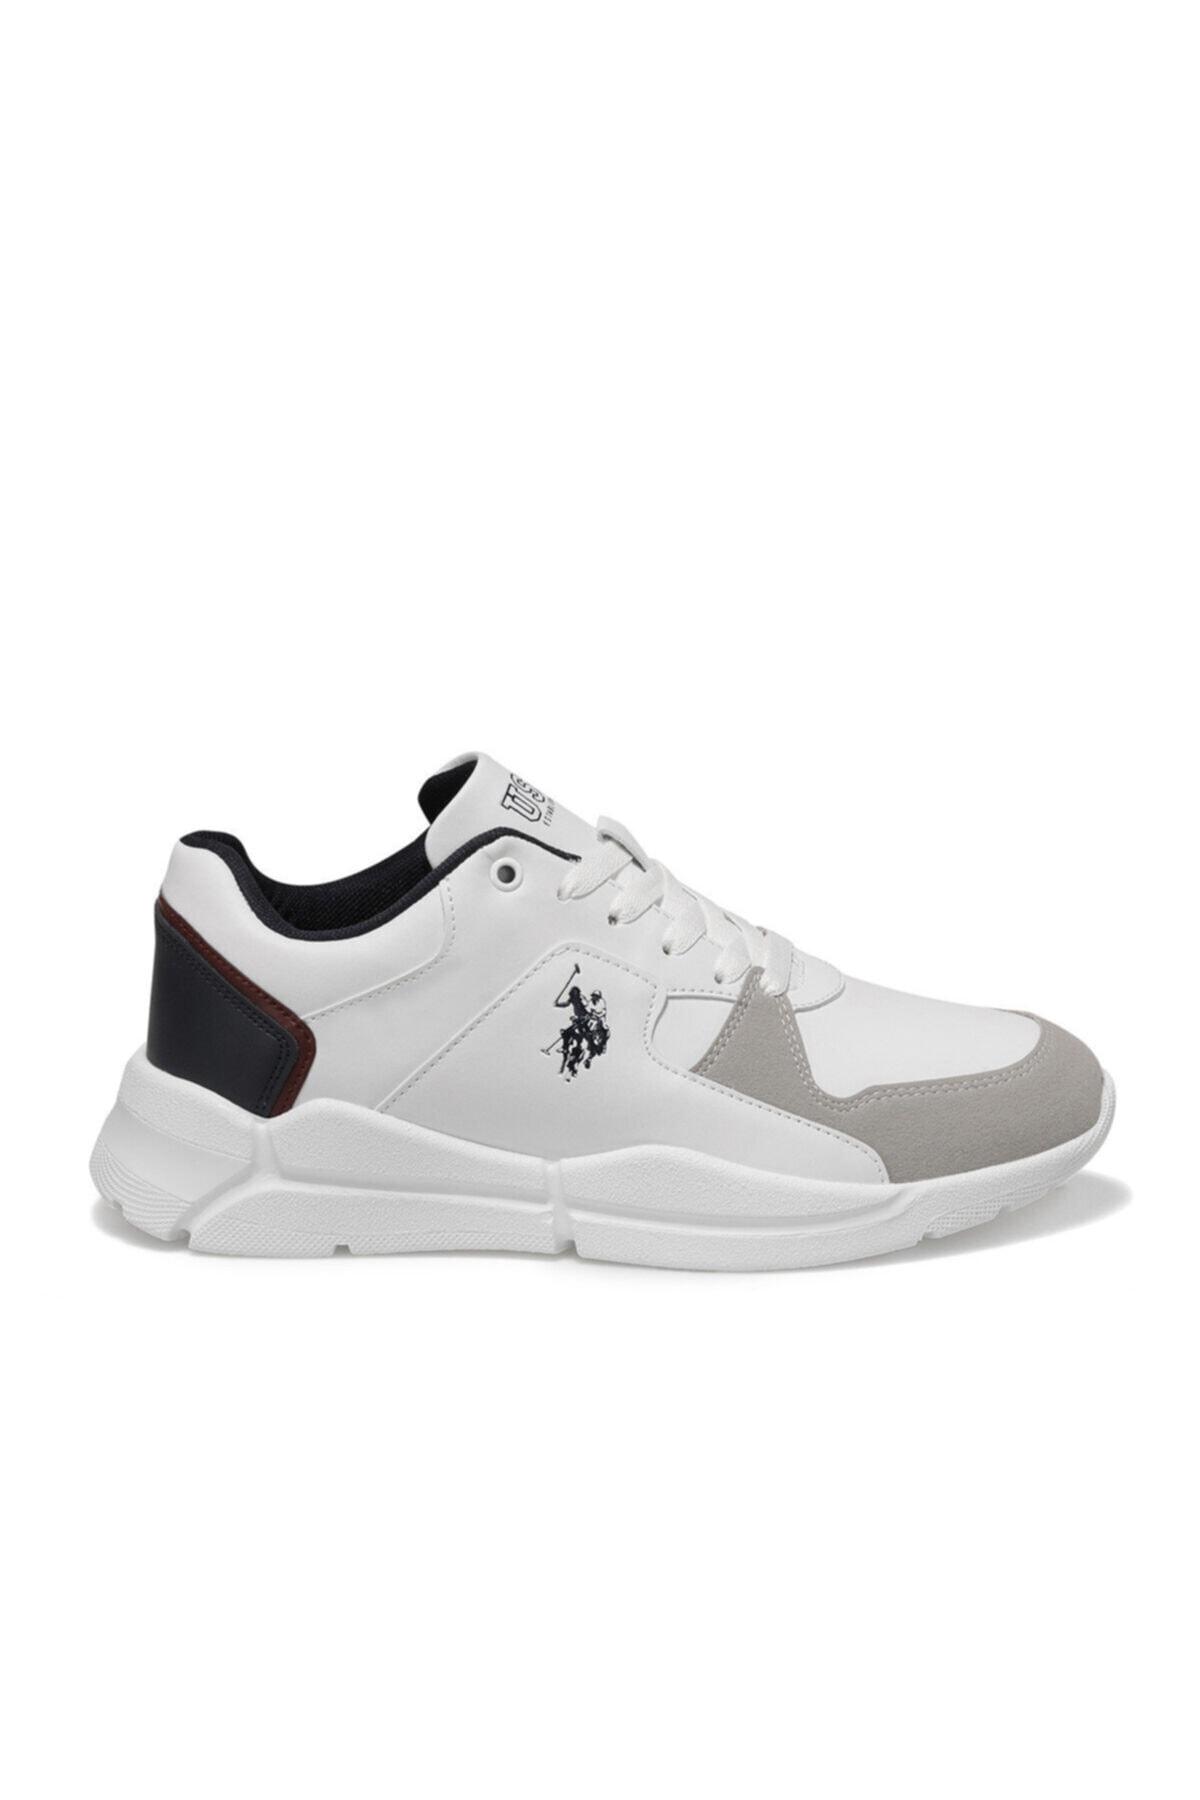 U.S. Polo Assn. CALABRIA Beyaz Erkek Sneaker Ayakkabı 100548881 2